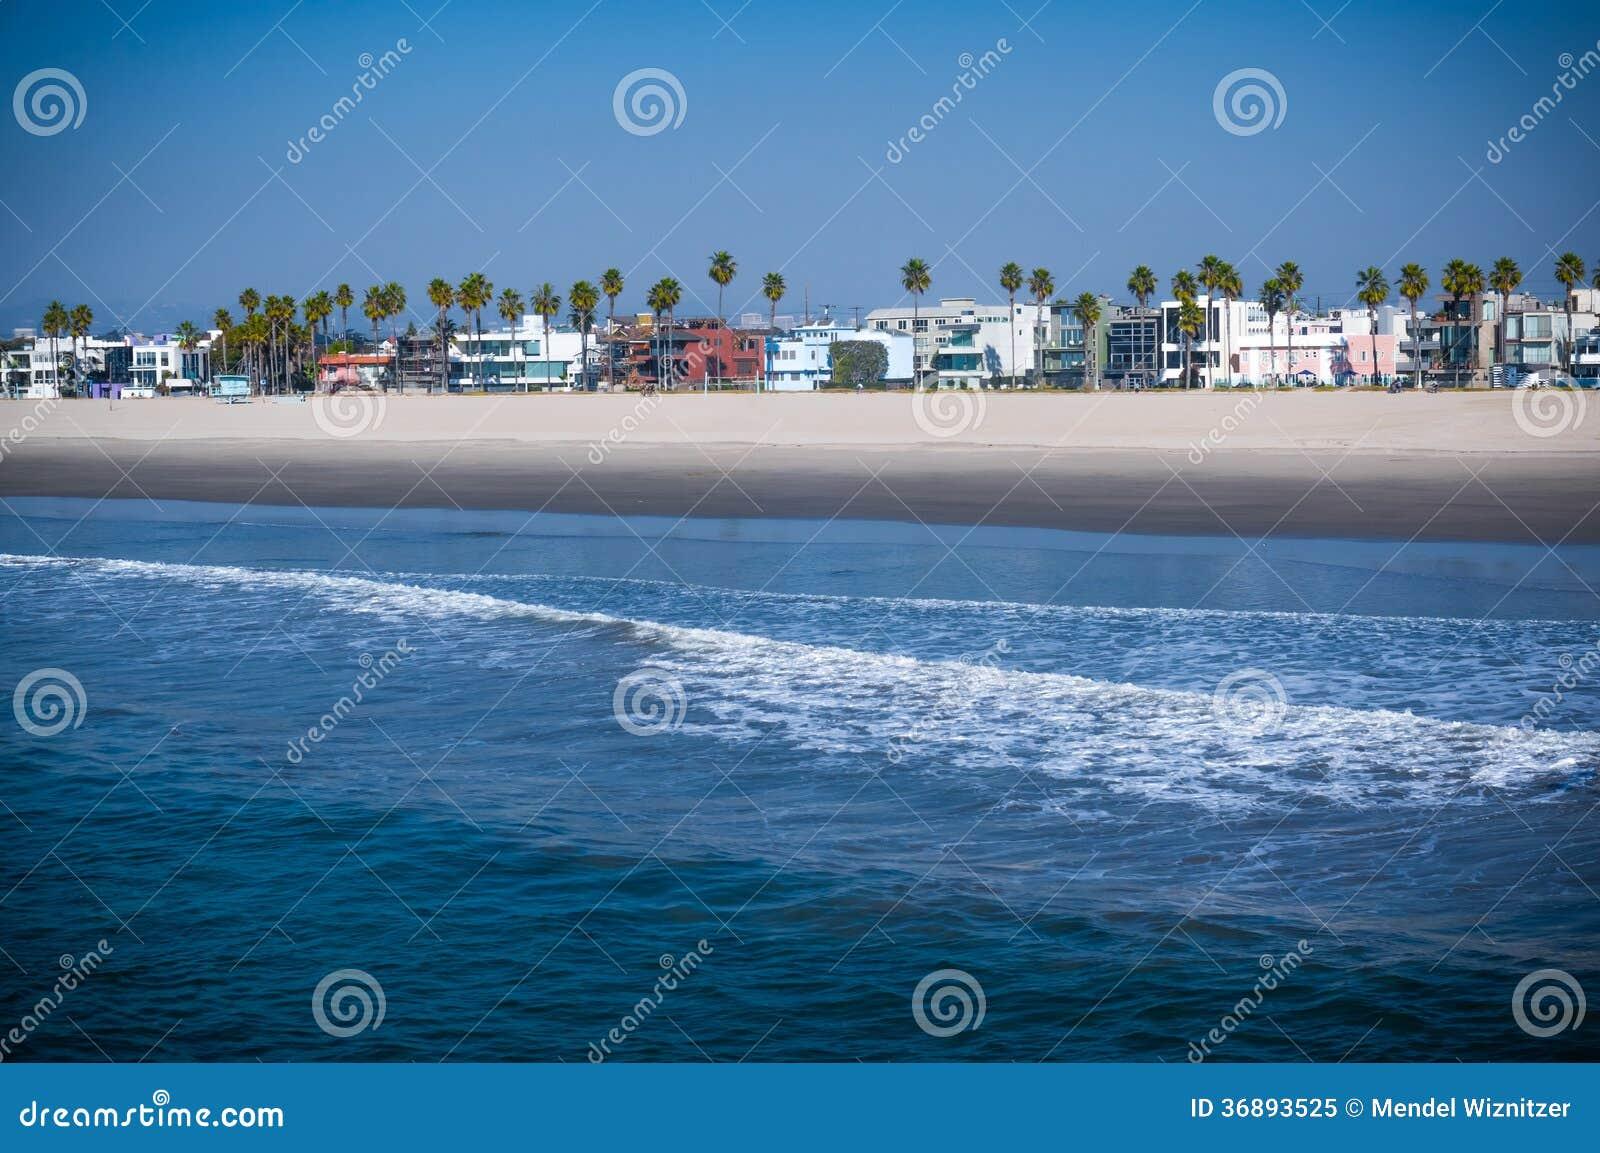 Download Spiaggia di California immagine stock. Immagine di angeles - 36893525